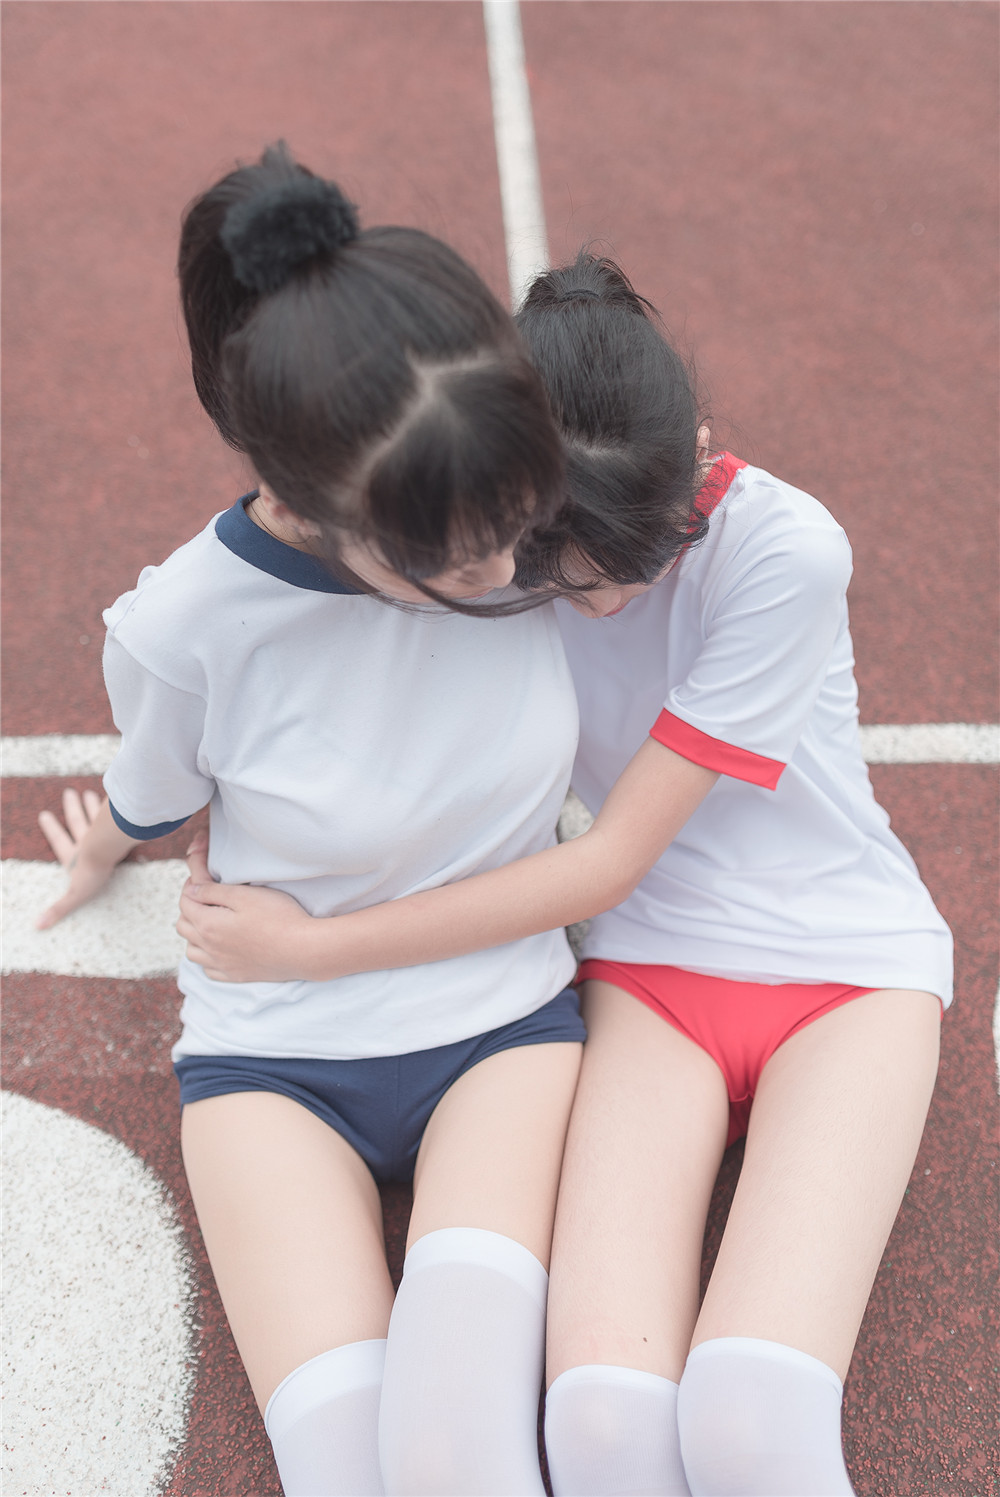 【私拍】【少女】清纯姐妹百合体操服少女私房照隐约诱人【51P】 制服